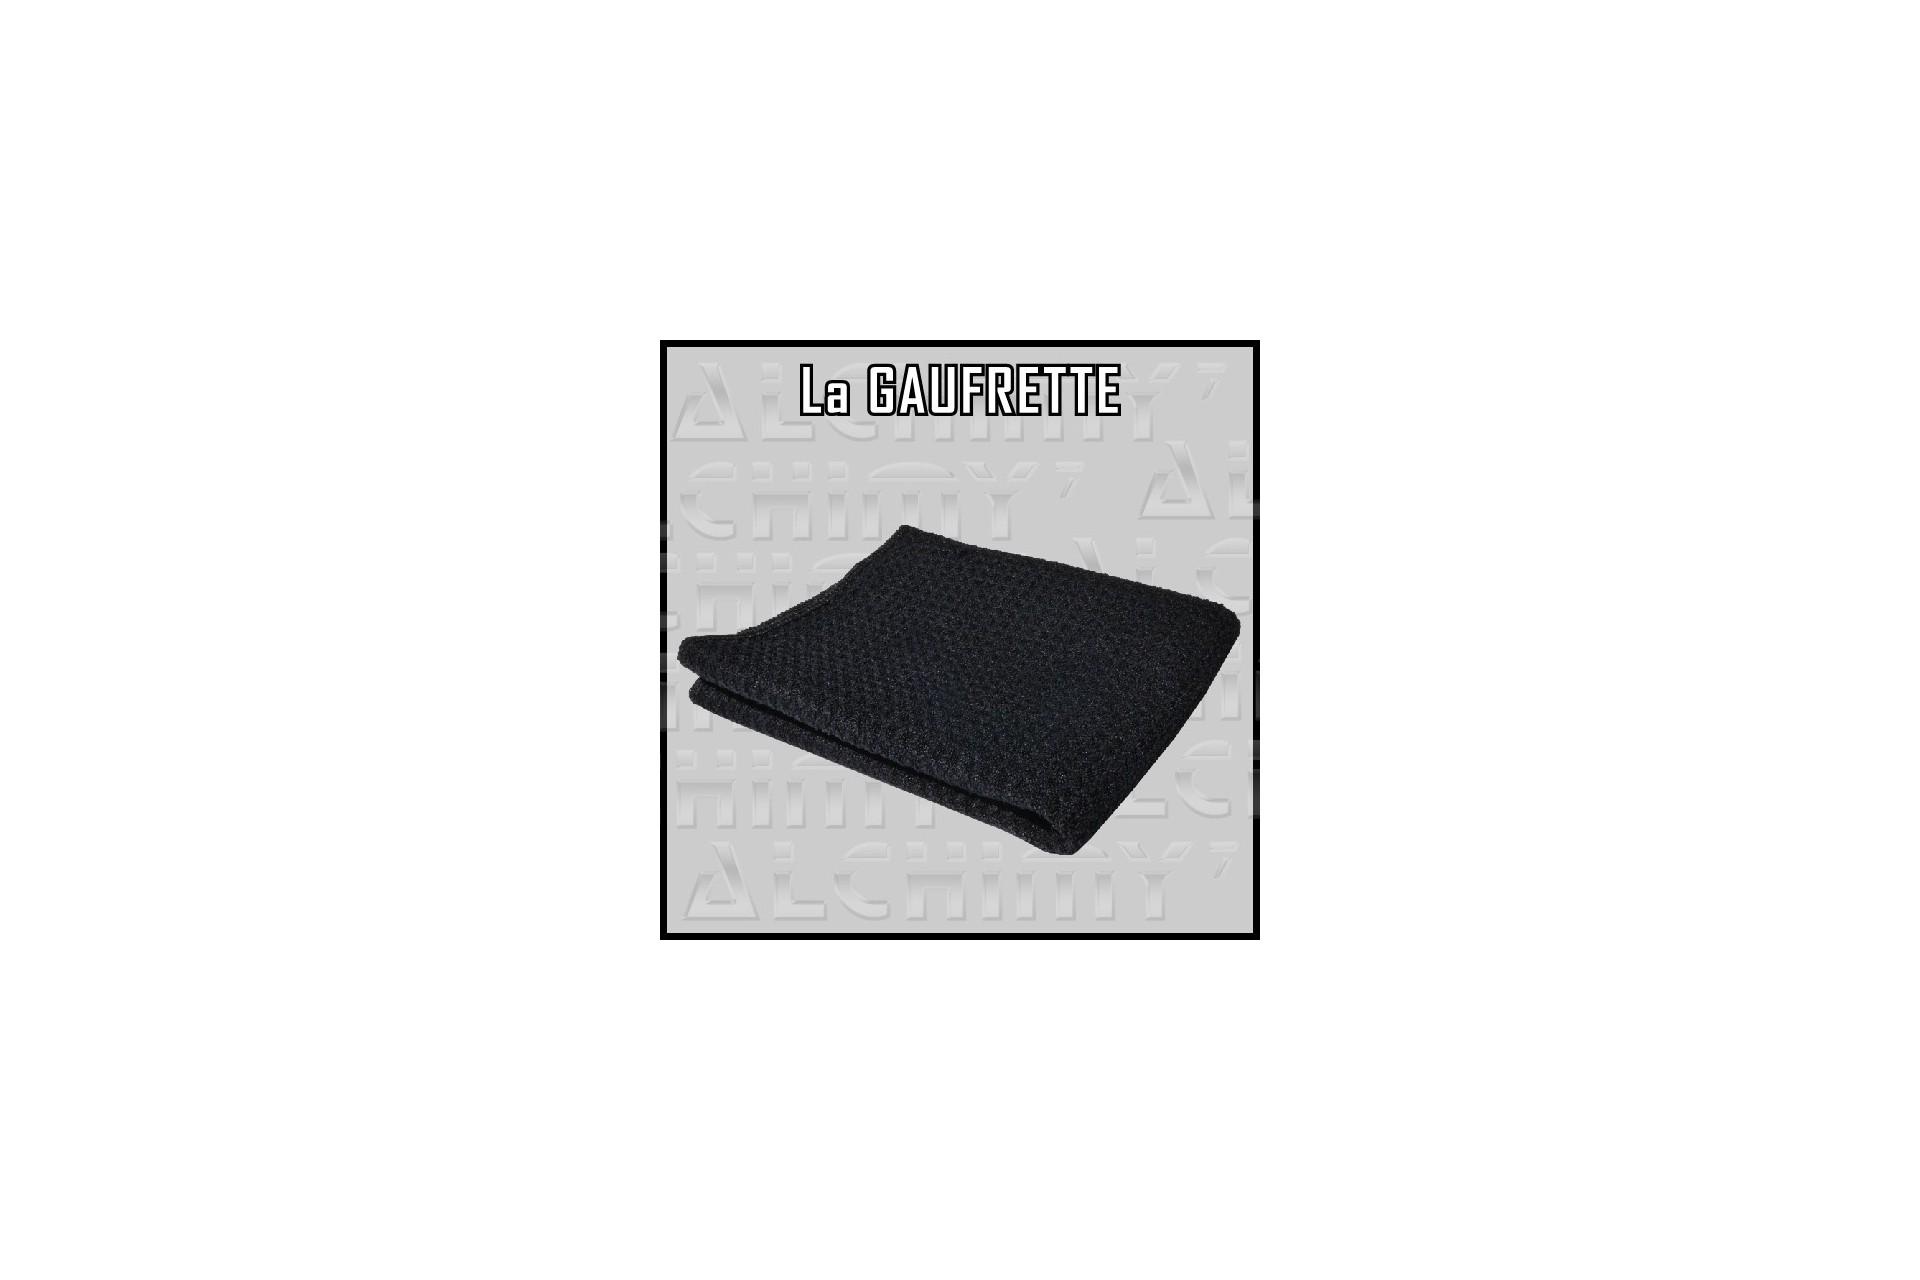 Le gaufrage de la Gaufrette la rend plus agressive et absorbante que d'autres serviettes de même taille.